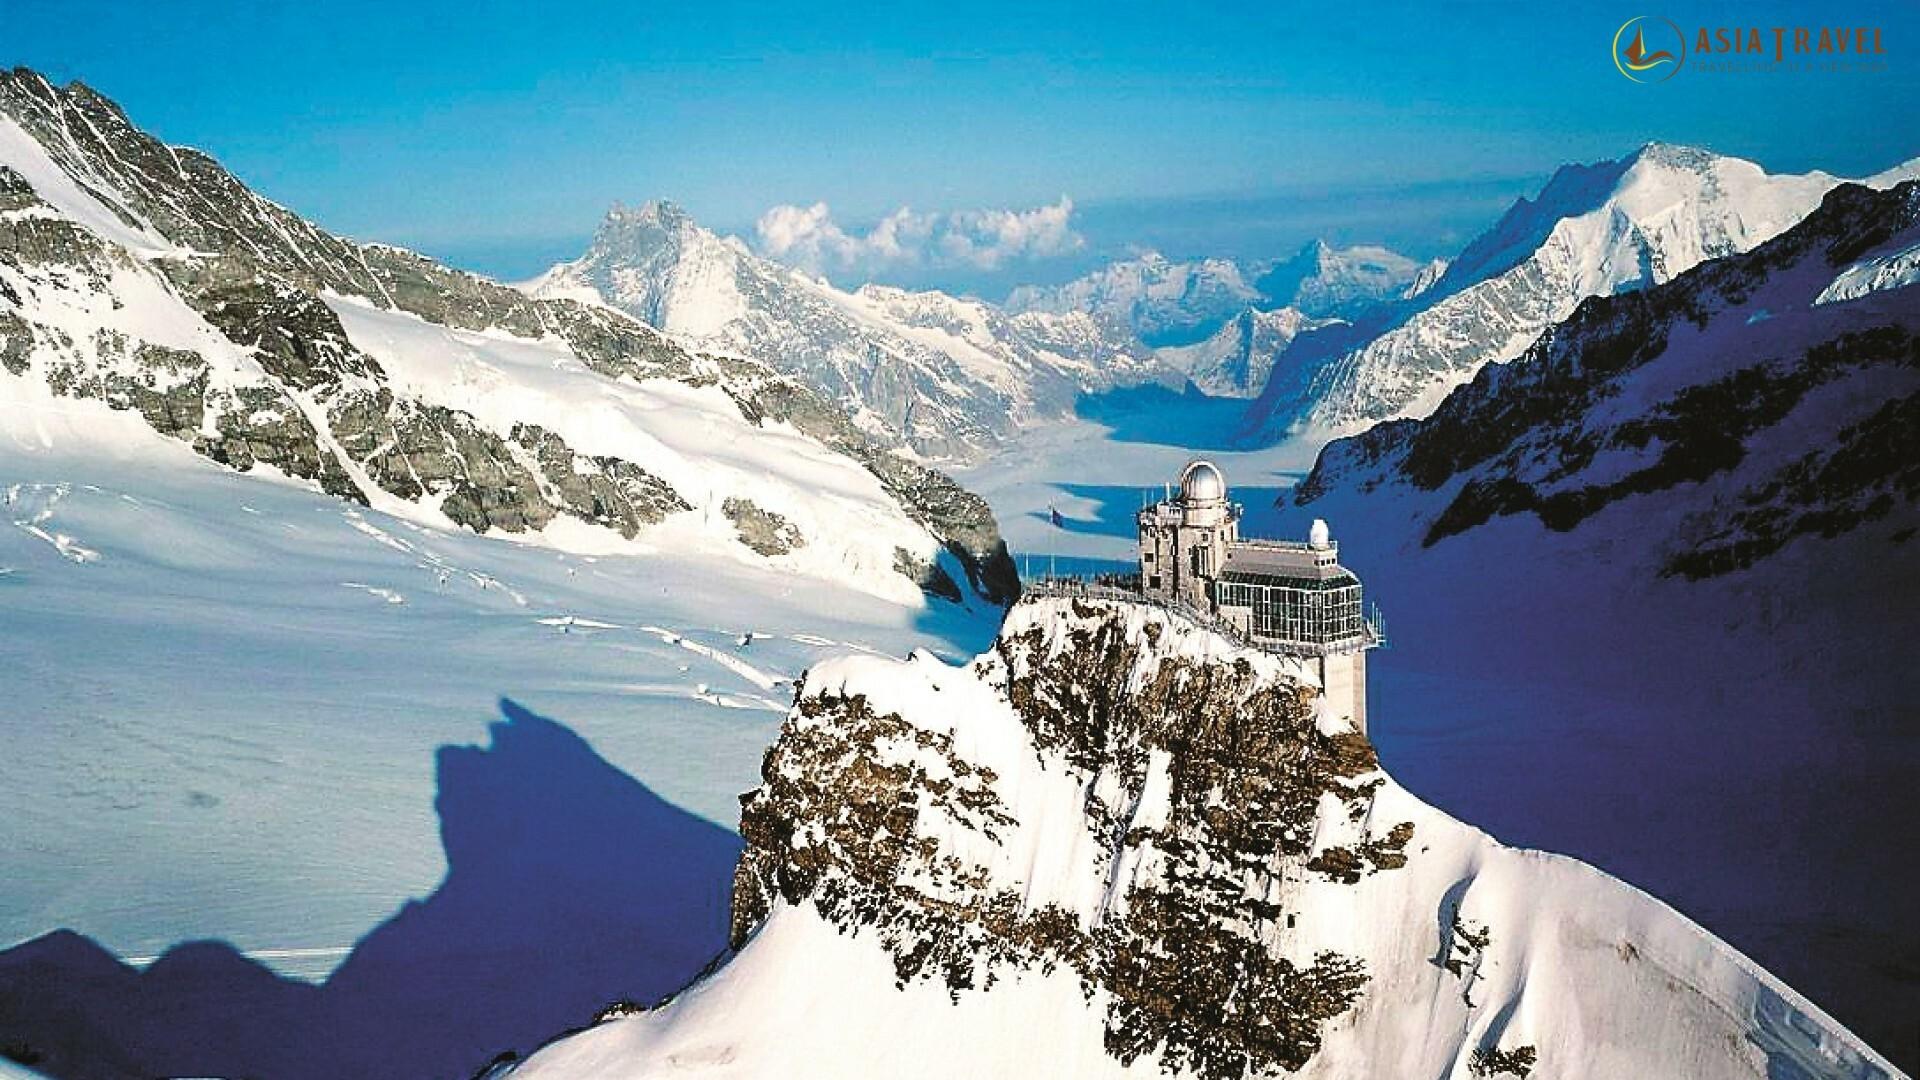 Điểm danh 5 ngọn núi tuyết ở Thụy Sĩ đẹp nhất mà bạn nên đến